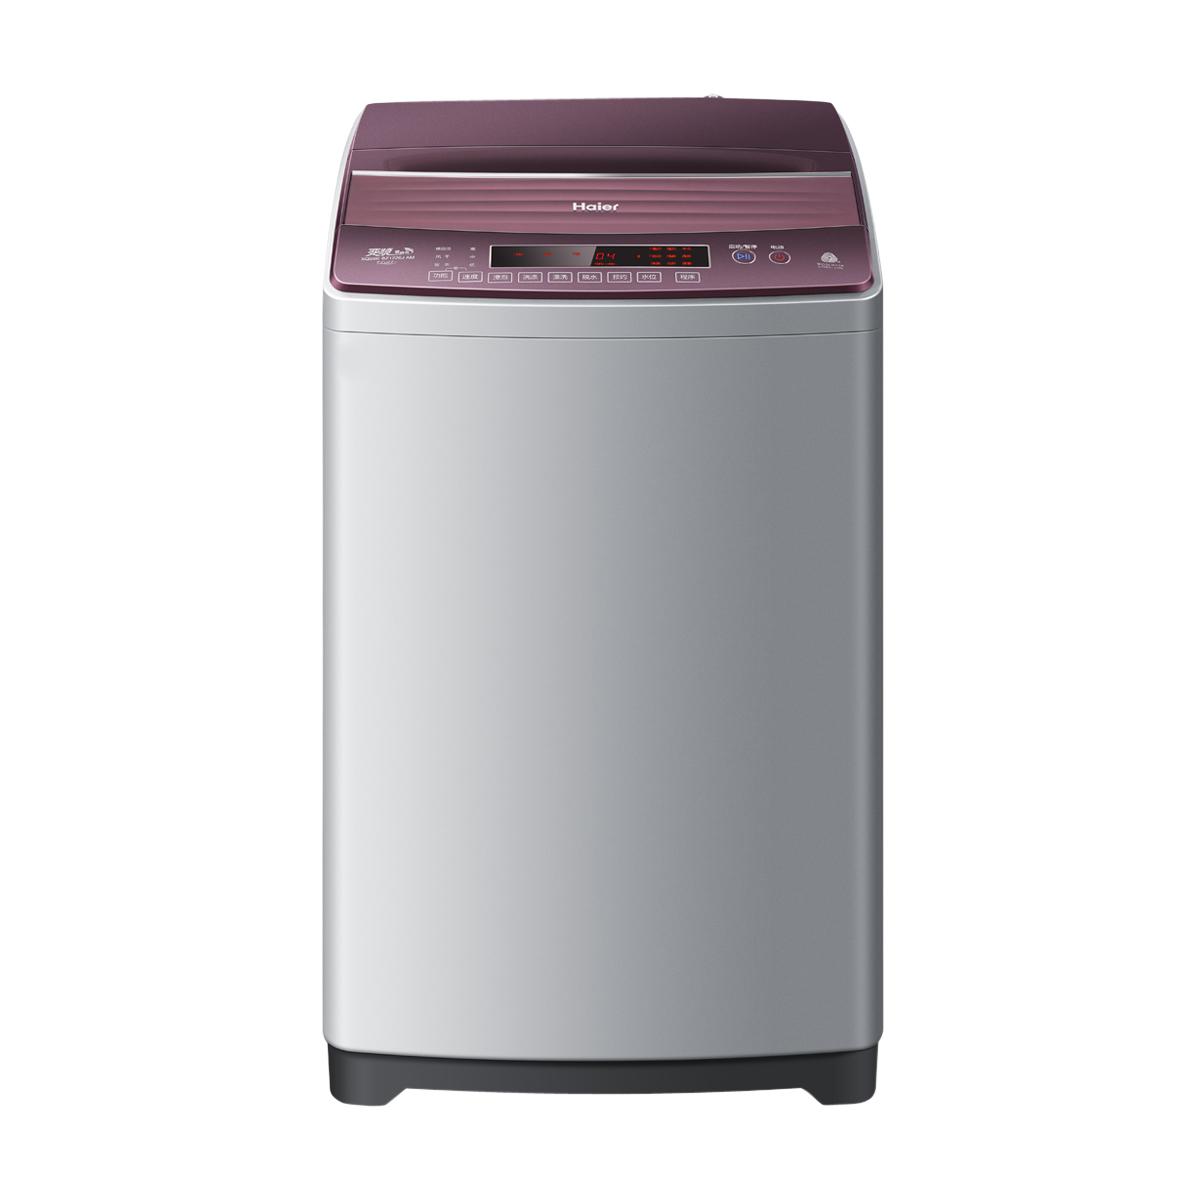 海尔Haier洗衣机 XQS60-BZ1226J(AM) 说明书